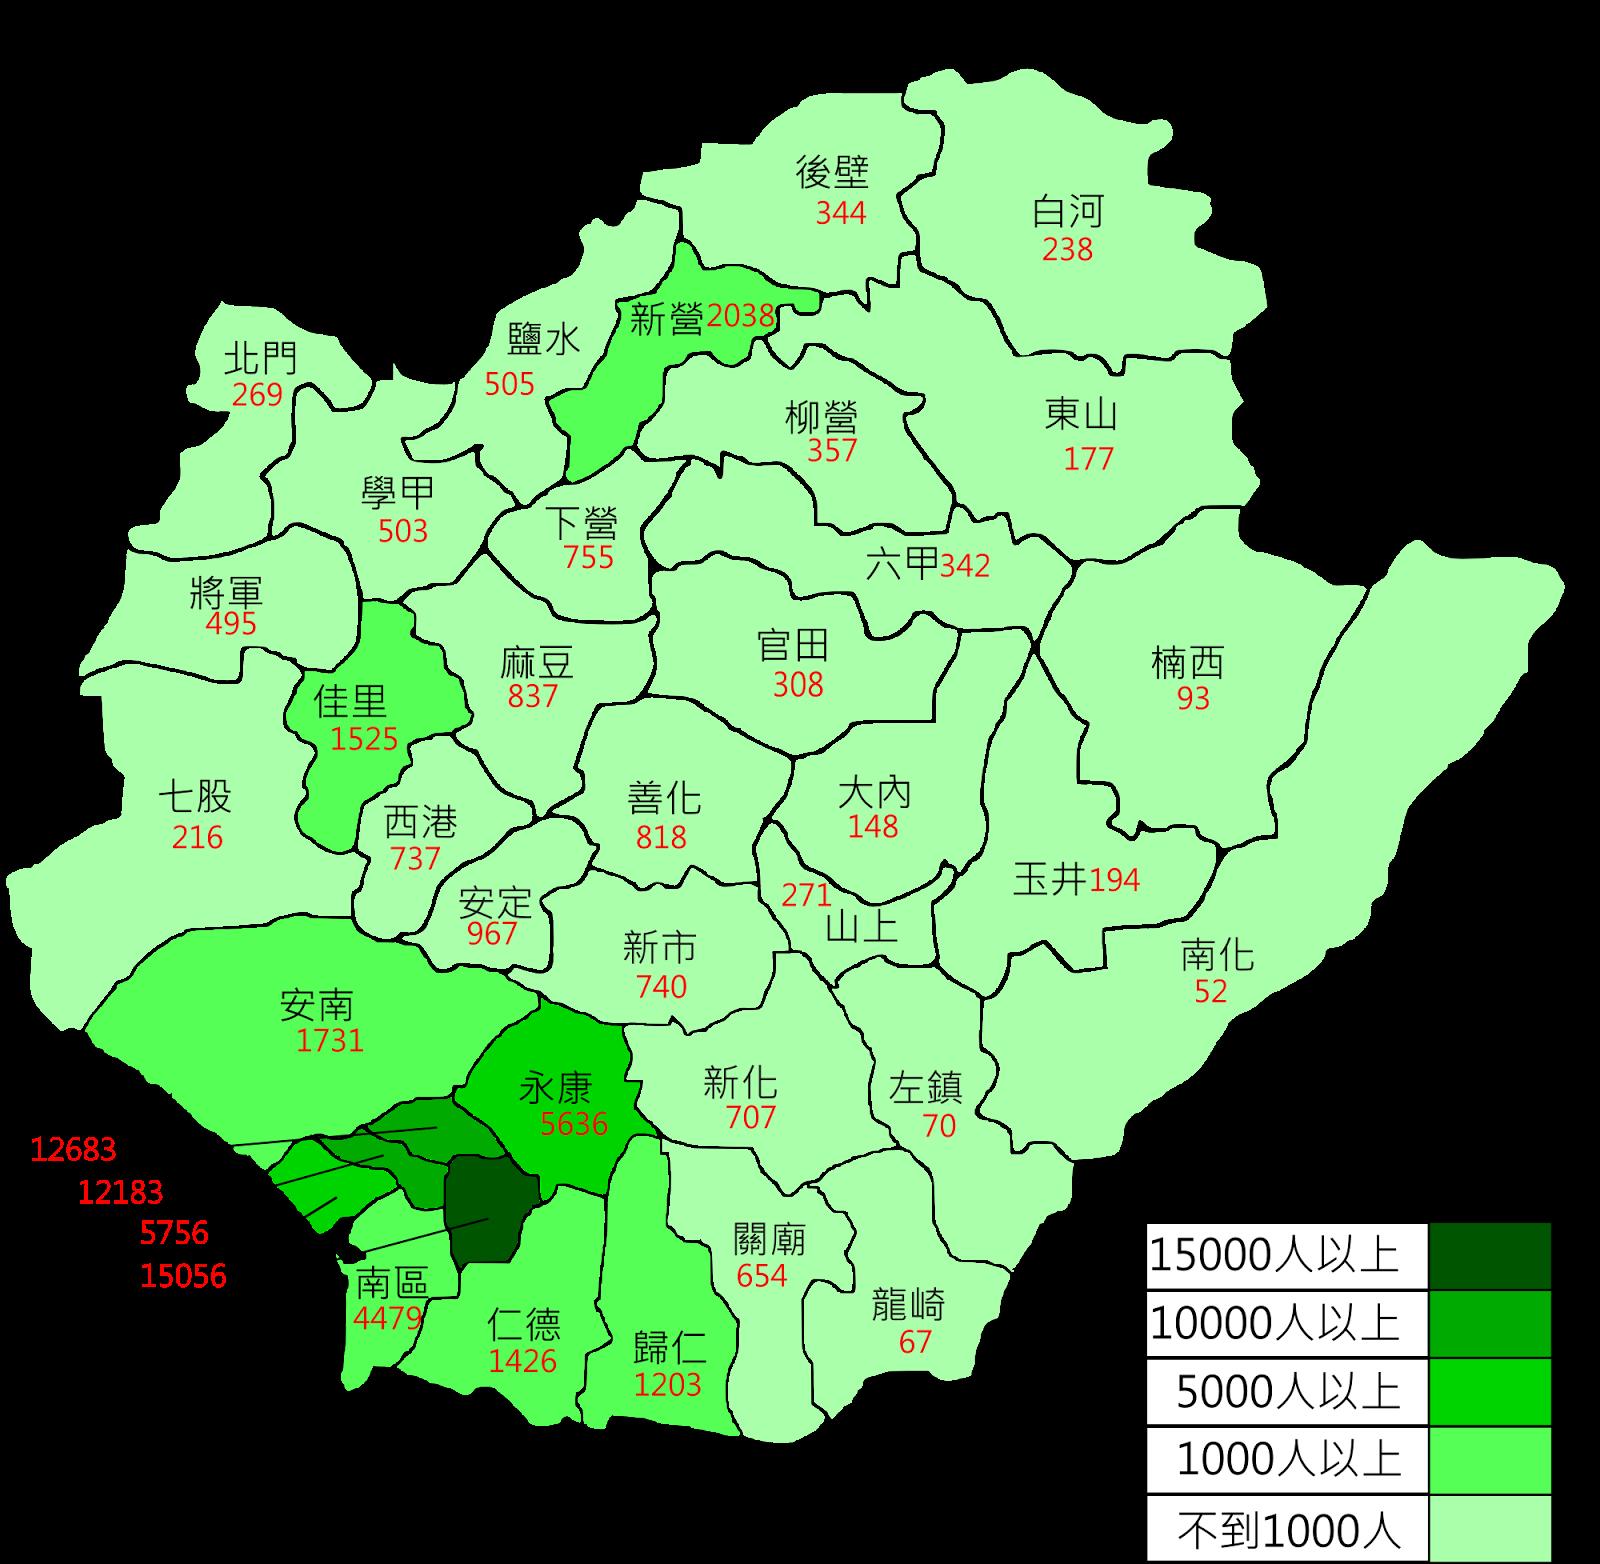 天來的工作坊: [分享]手繪圖_臺南市各區人口密度圖_201401